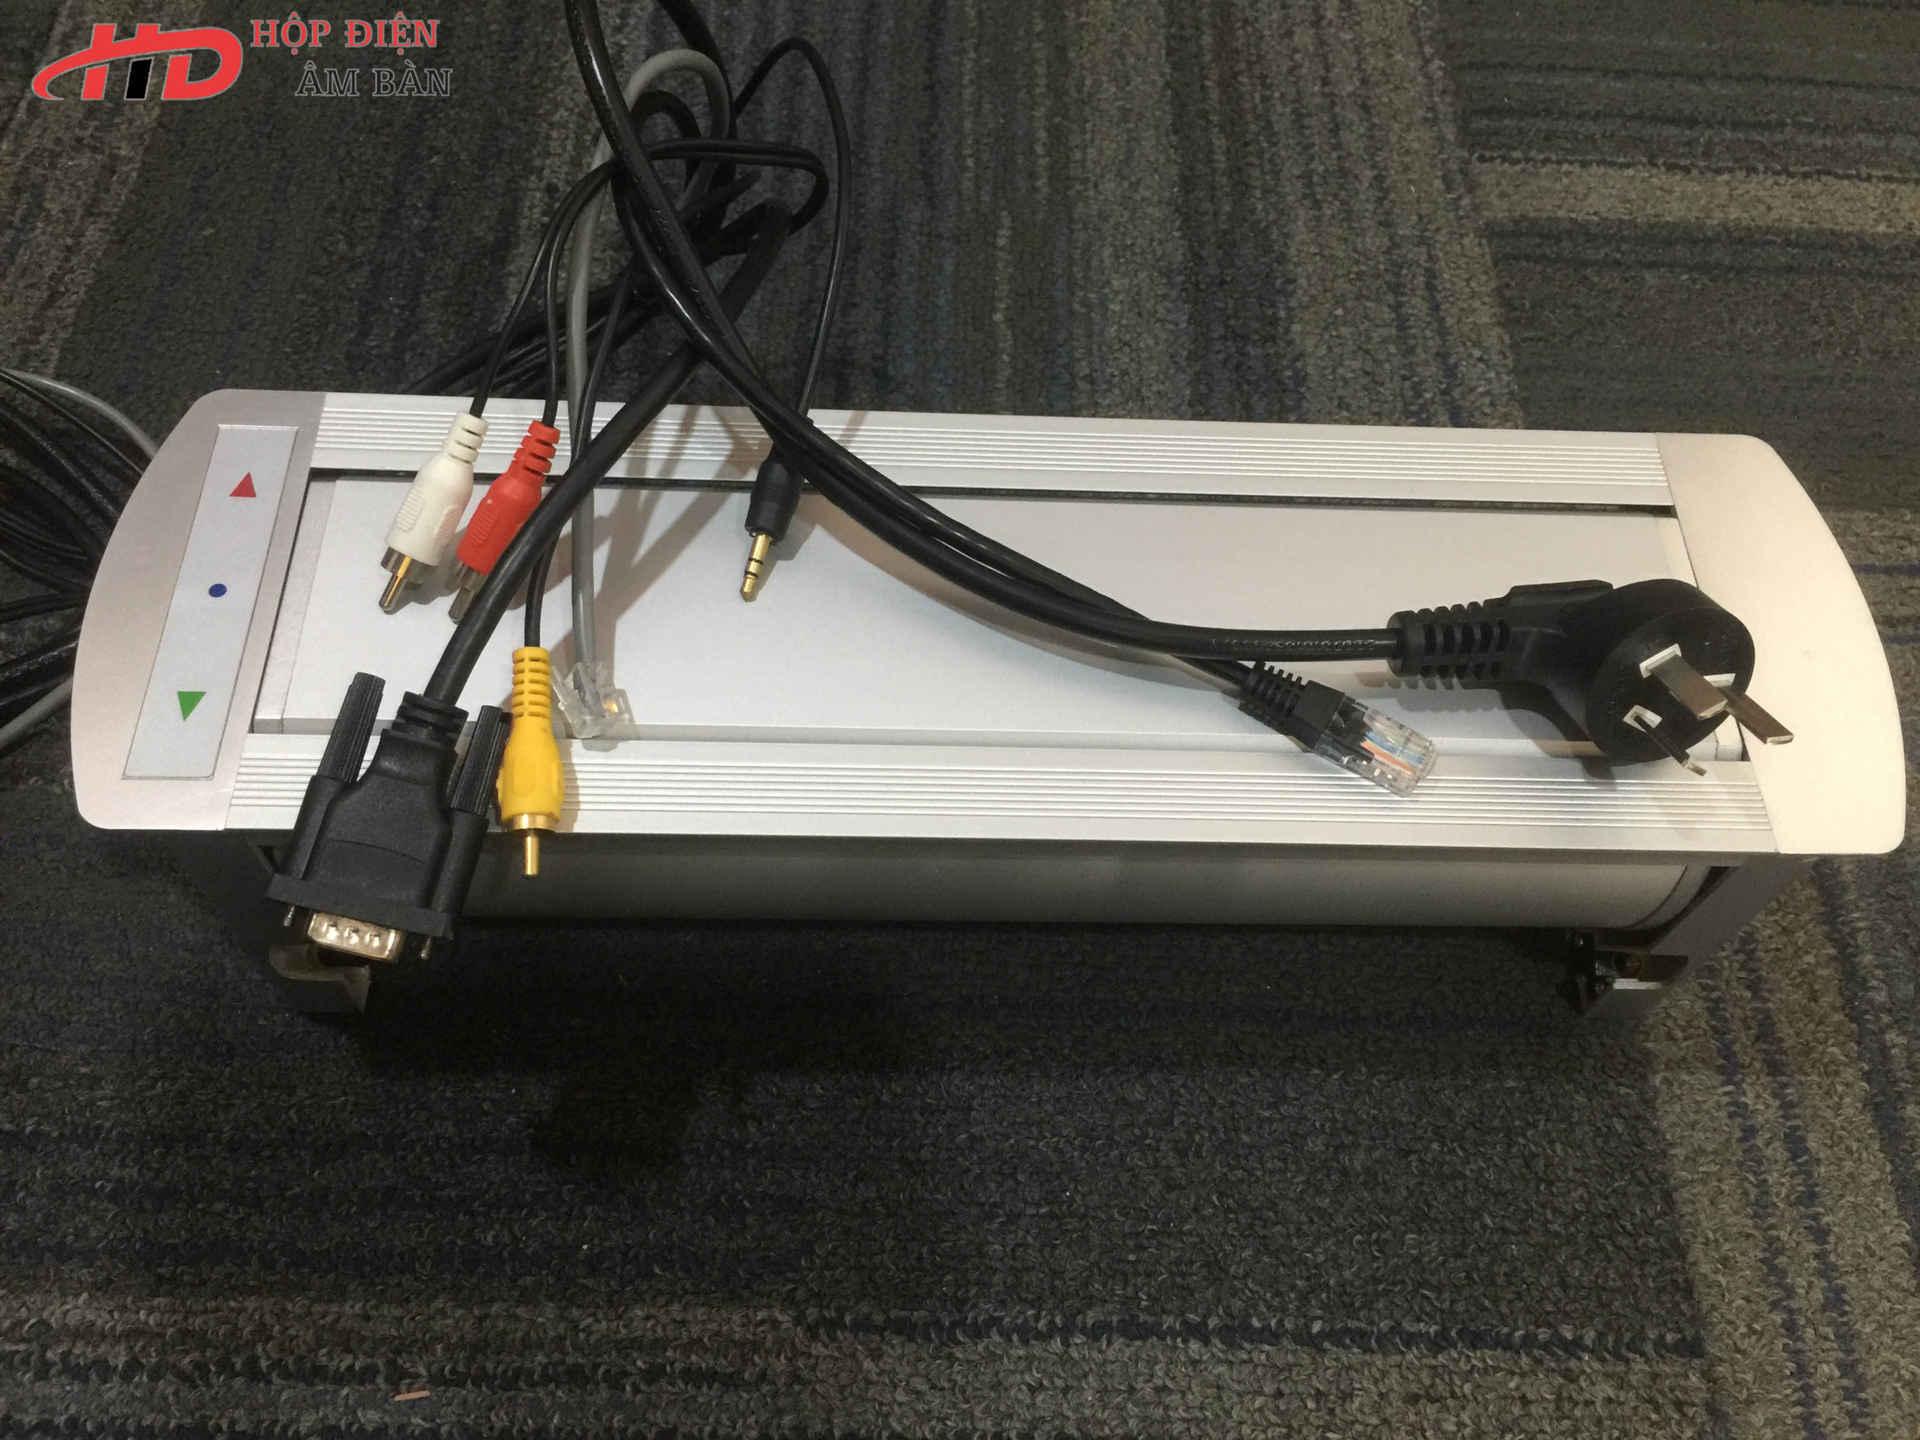 Hộp điện âm bàn HDMD-SA5